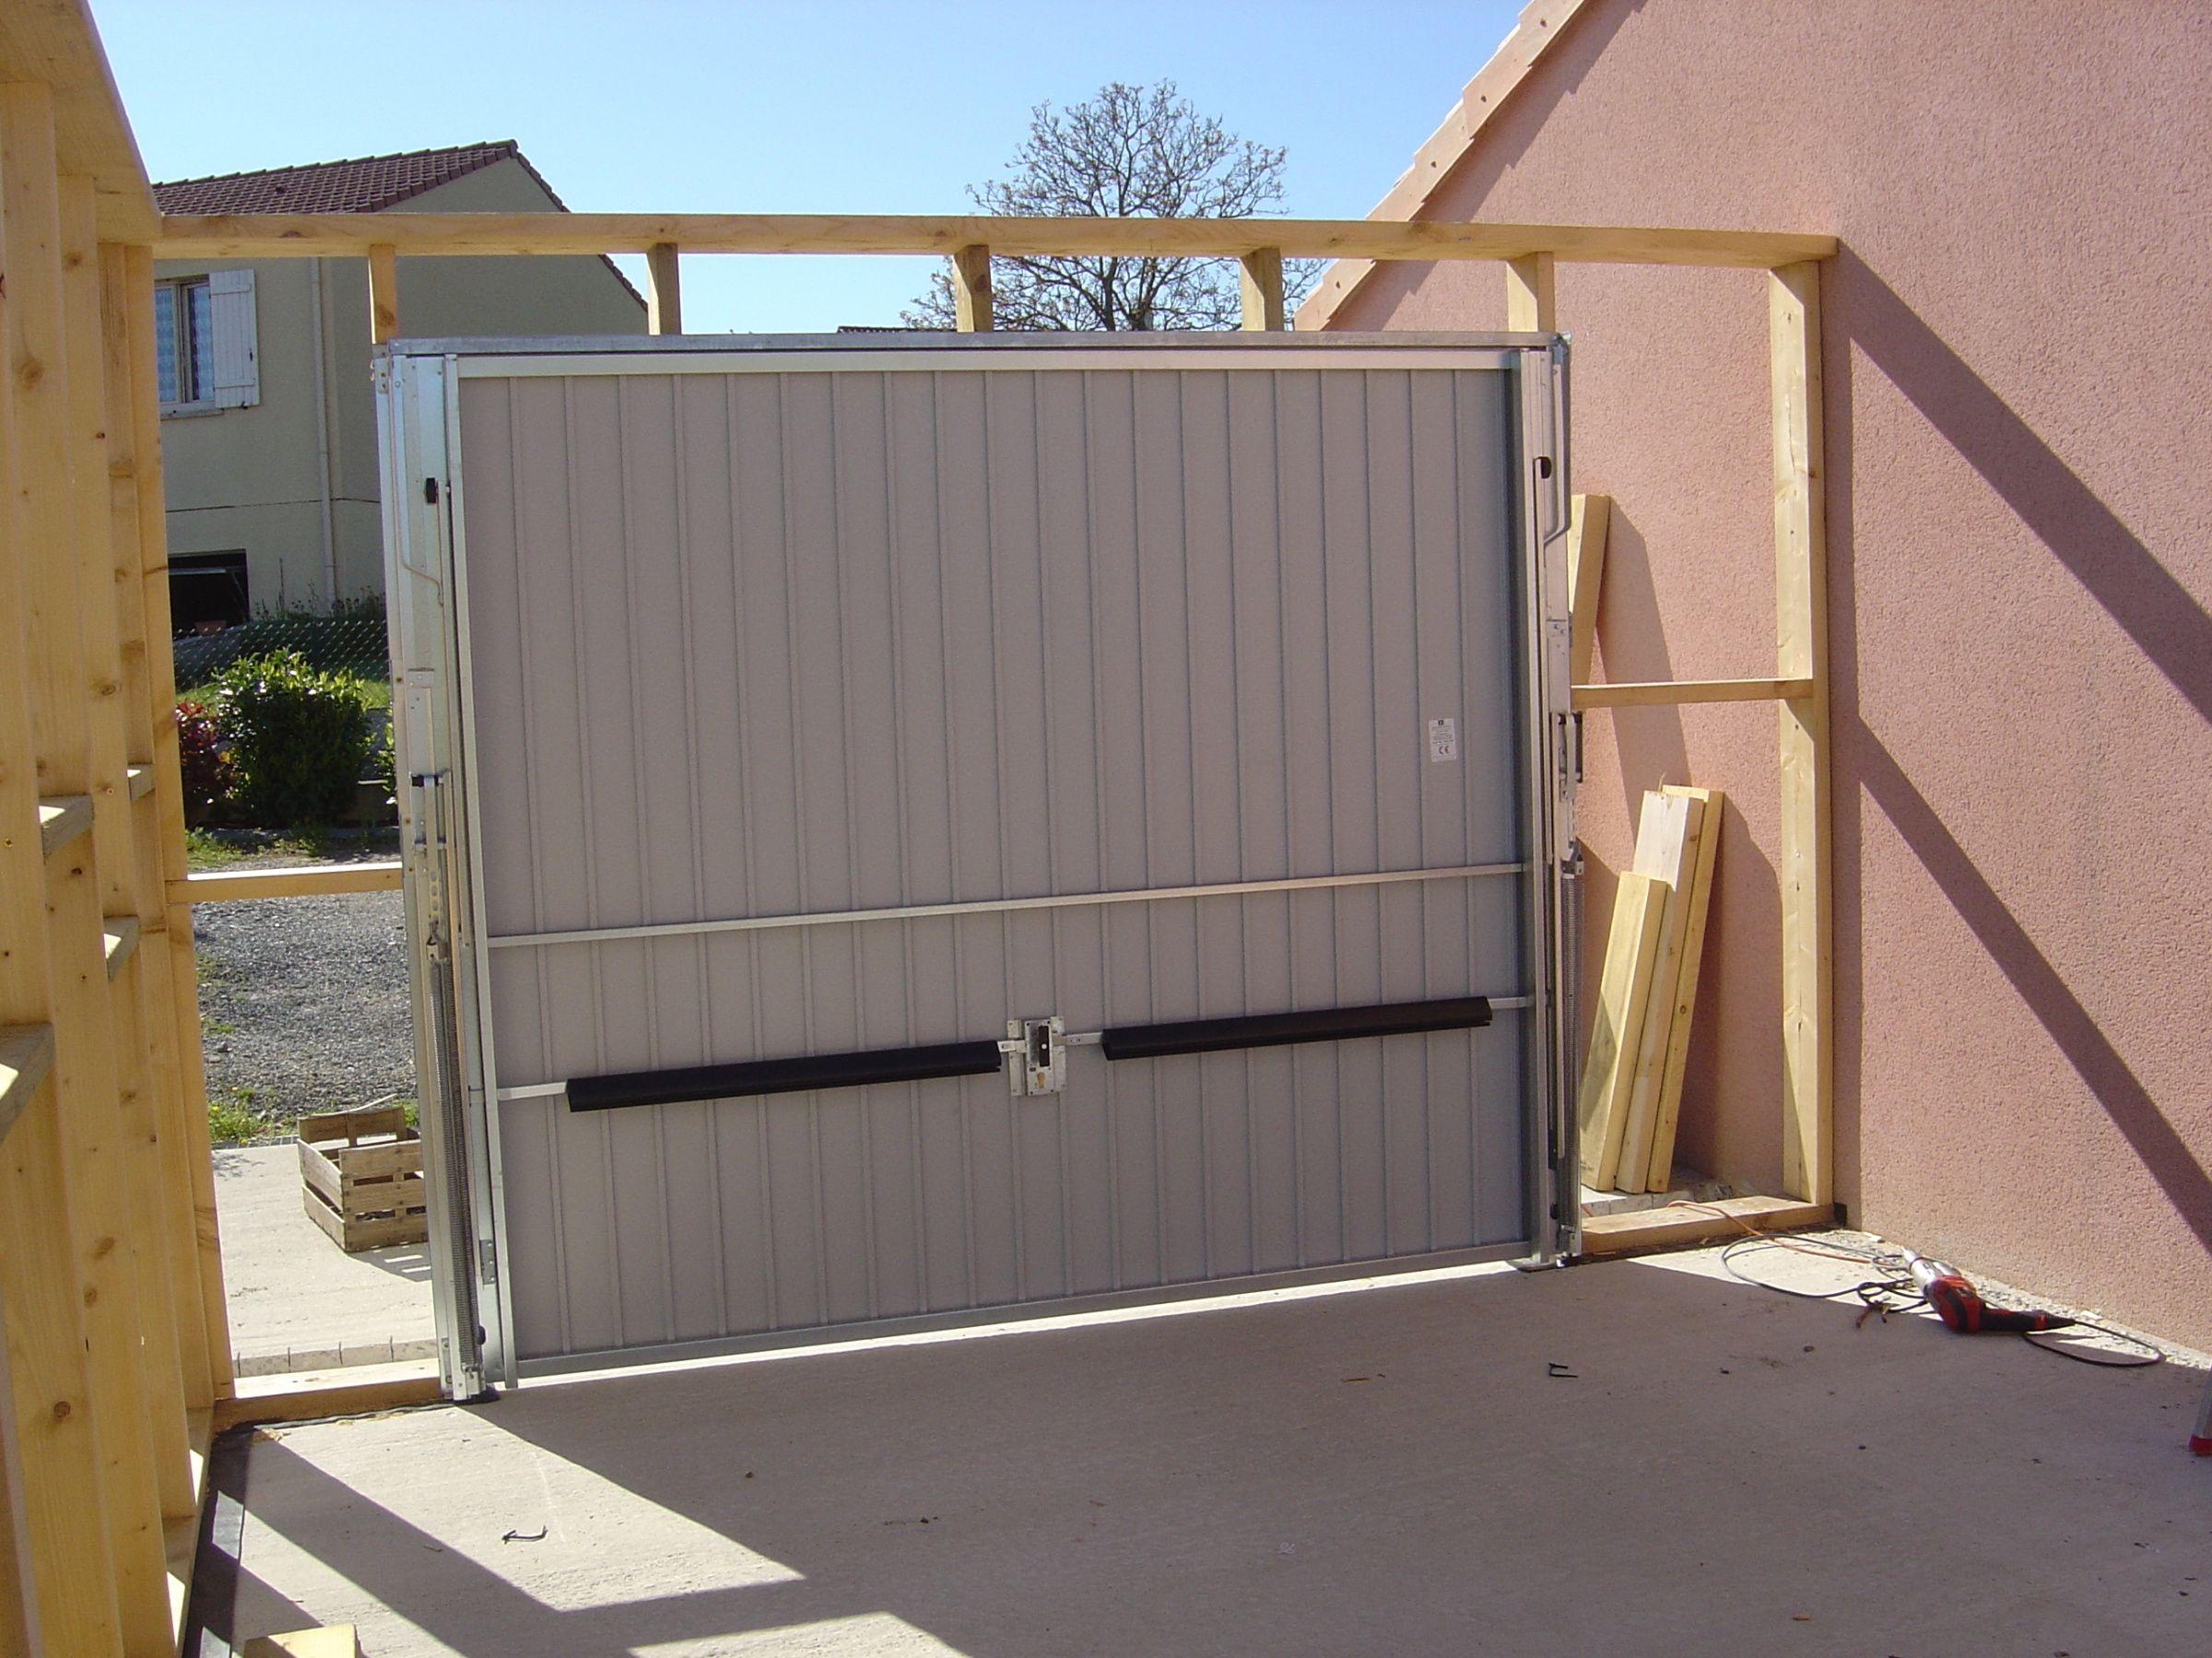 Autoconstruction D Un Garage A Ossature Bois Garage Bois Toit Plat Garage Toit Plat Et Garage Bois